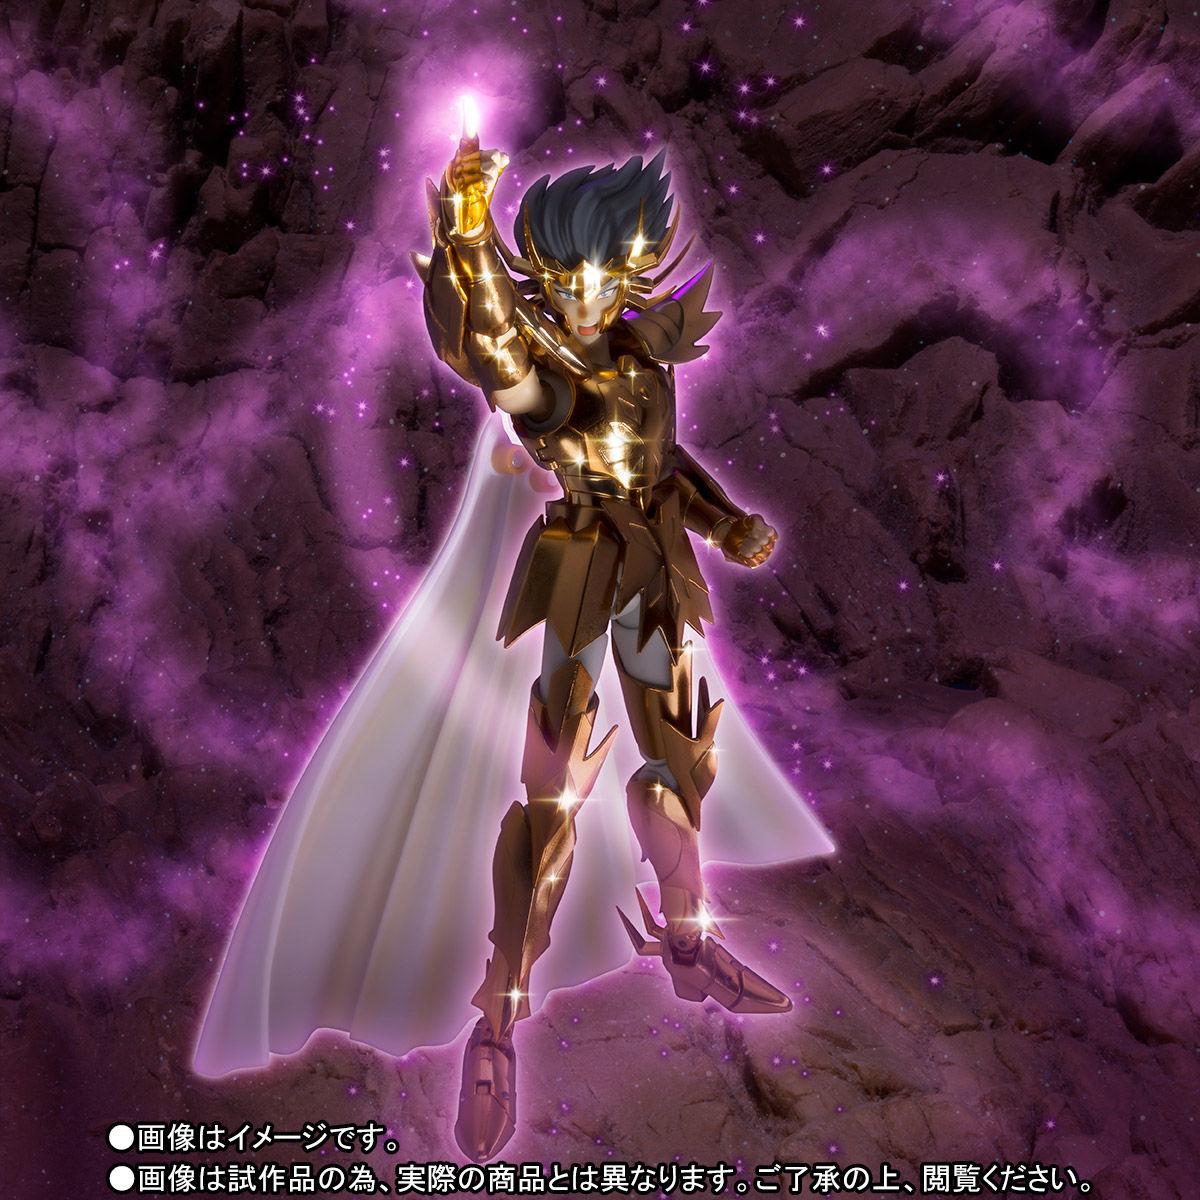 【限定販売】聖闘士聖衣神話EX『キャンサー デスマスク ~ORIGINAL COLOR EDITION~』可動フィギュア-009